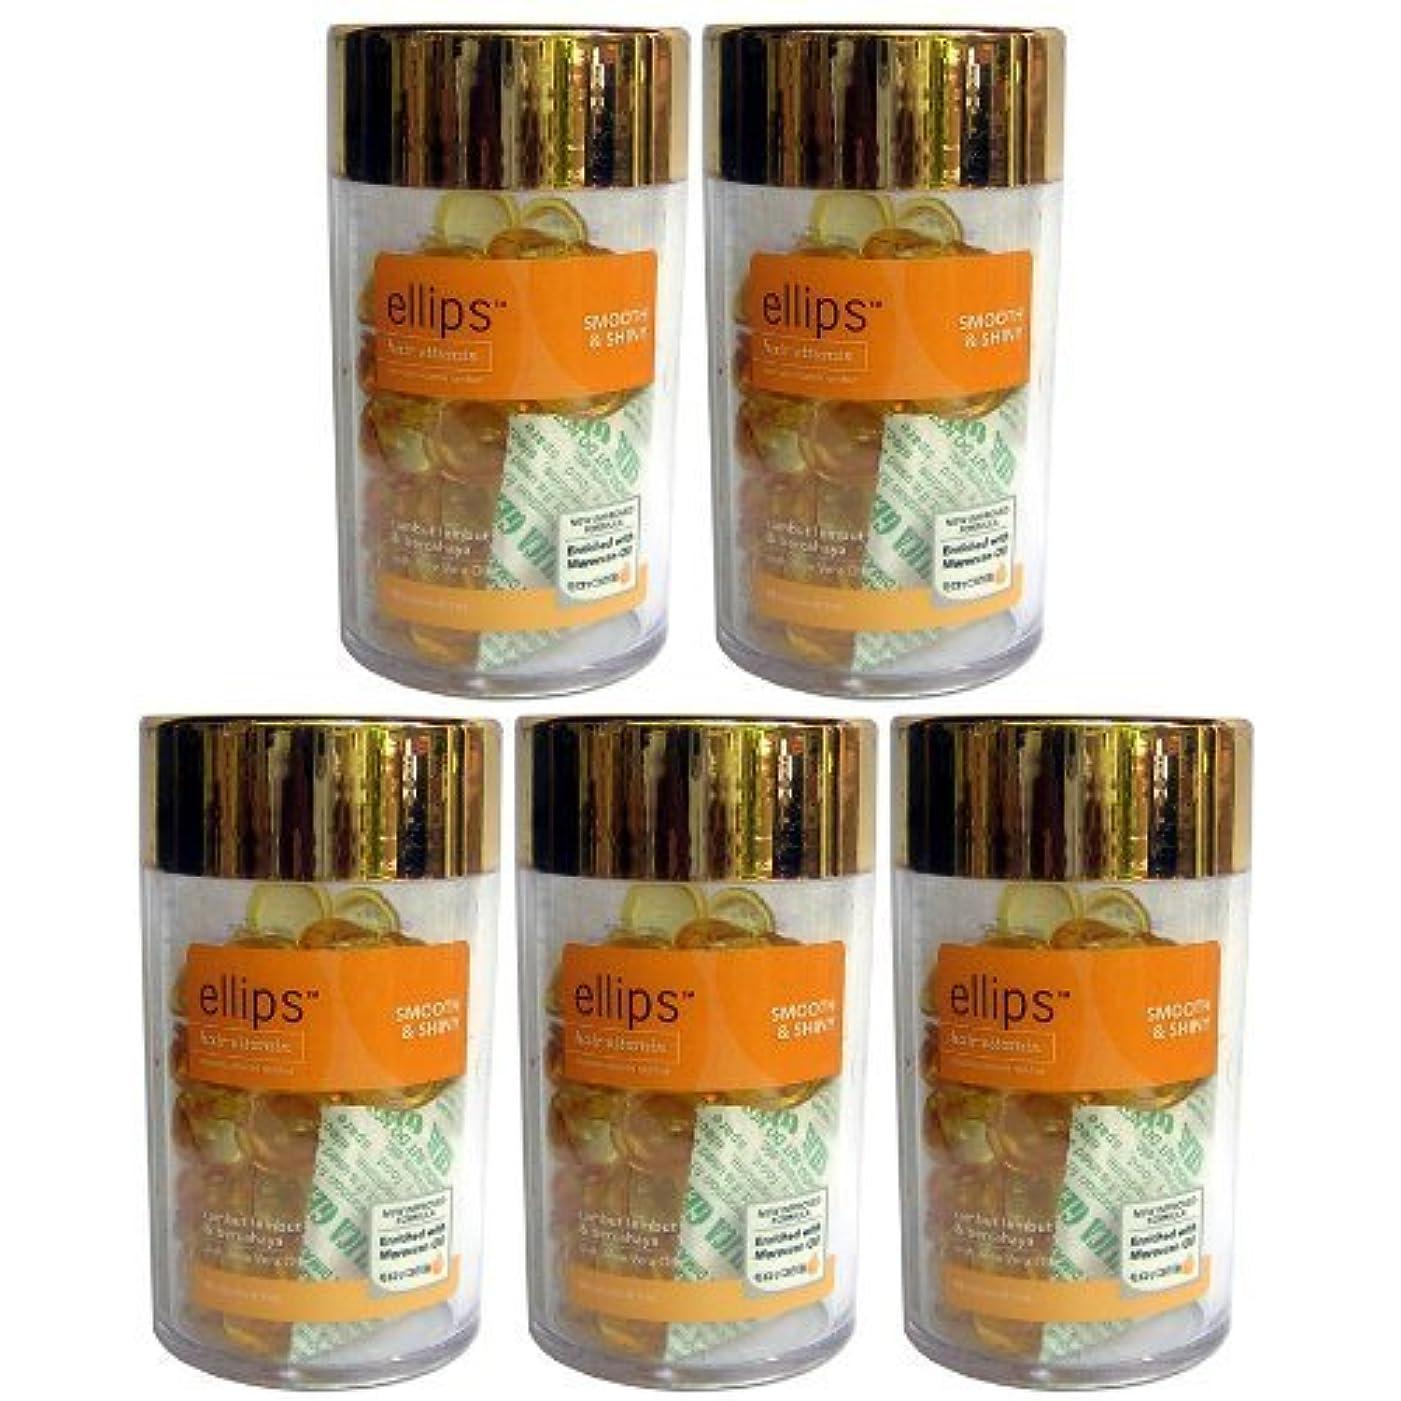 エリップスellipsヘアビタミン洗い流さないヘアトリートメント50粒入ボトル5本組(海外直送品)(並行輸入品) (黄色5本)